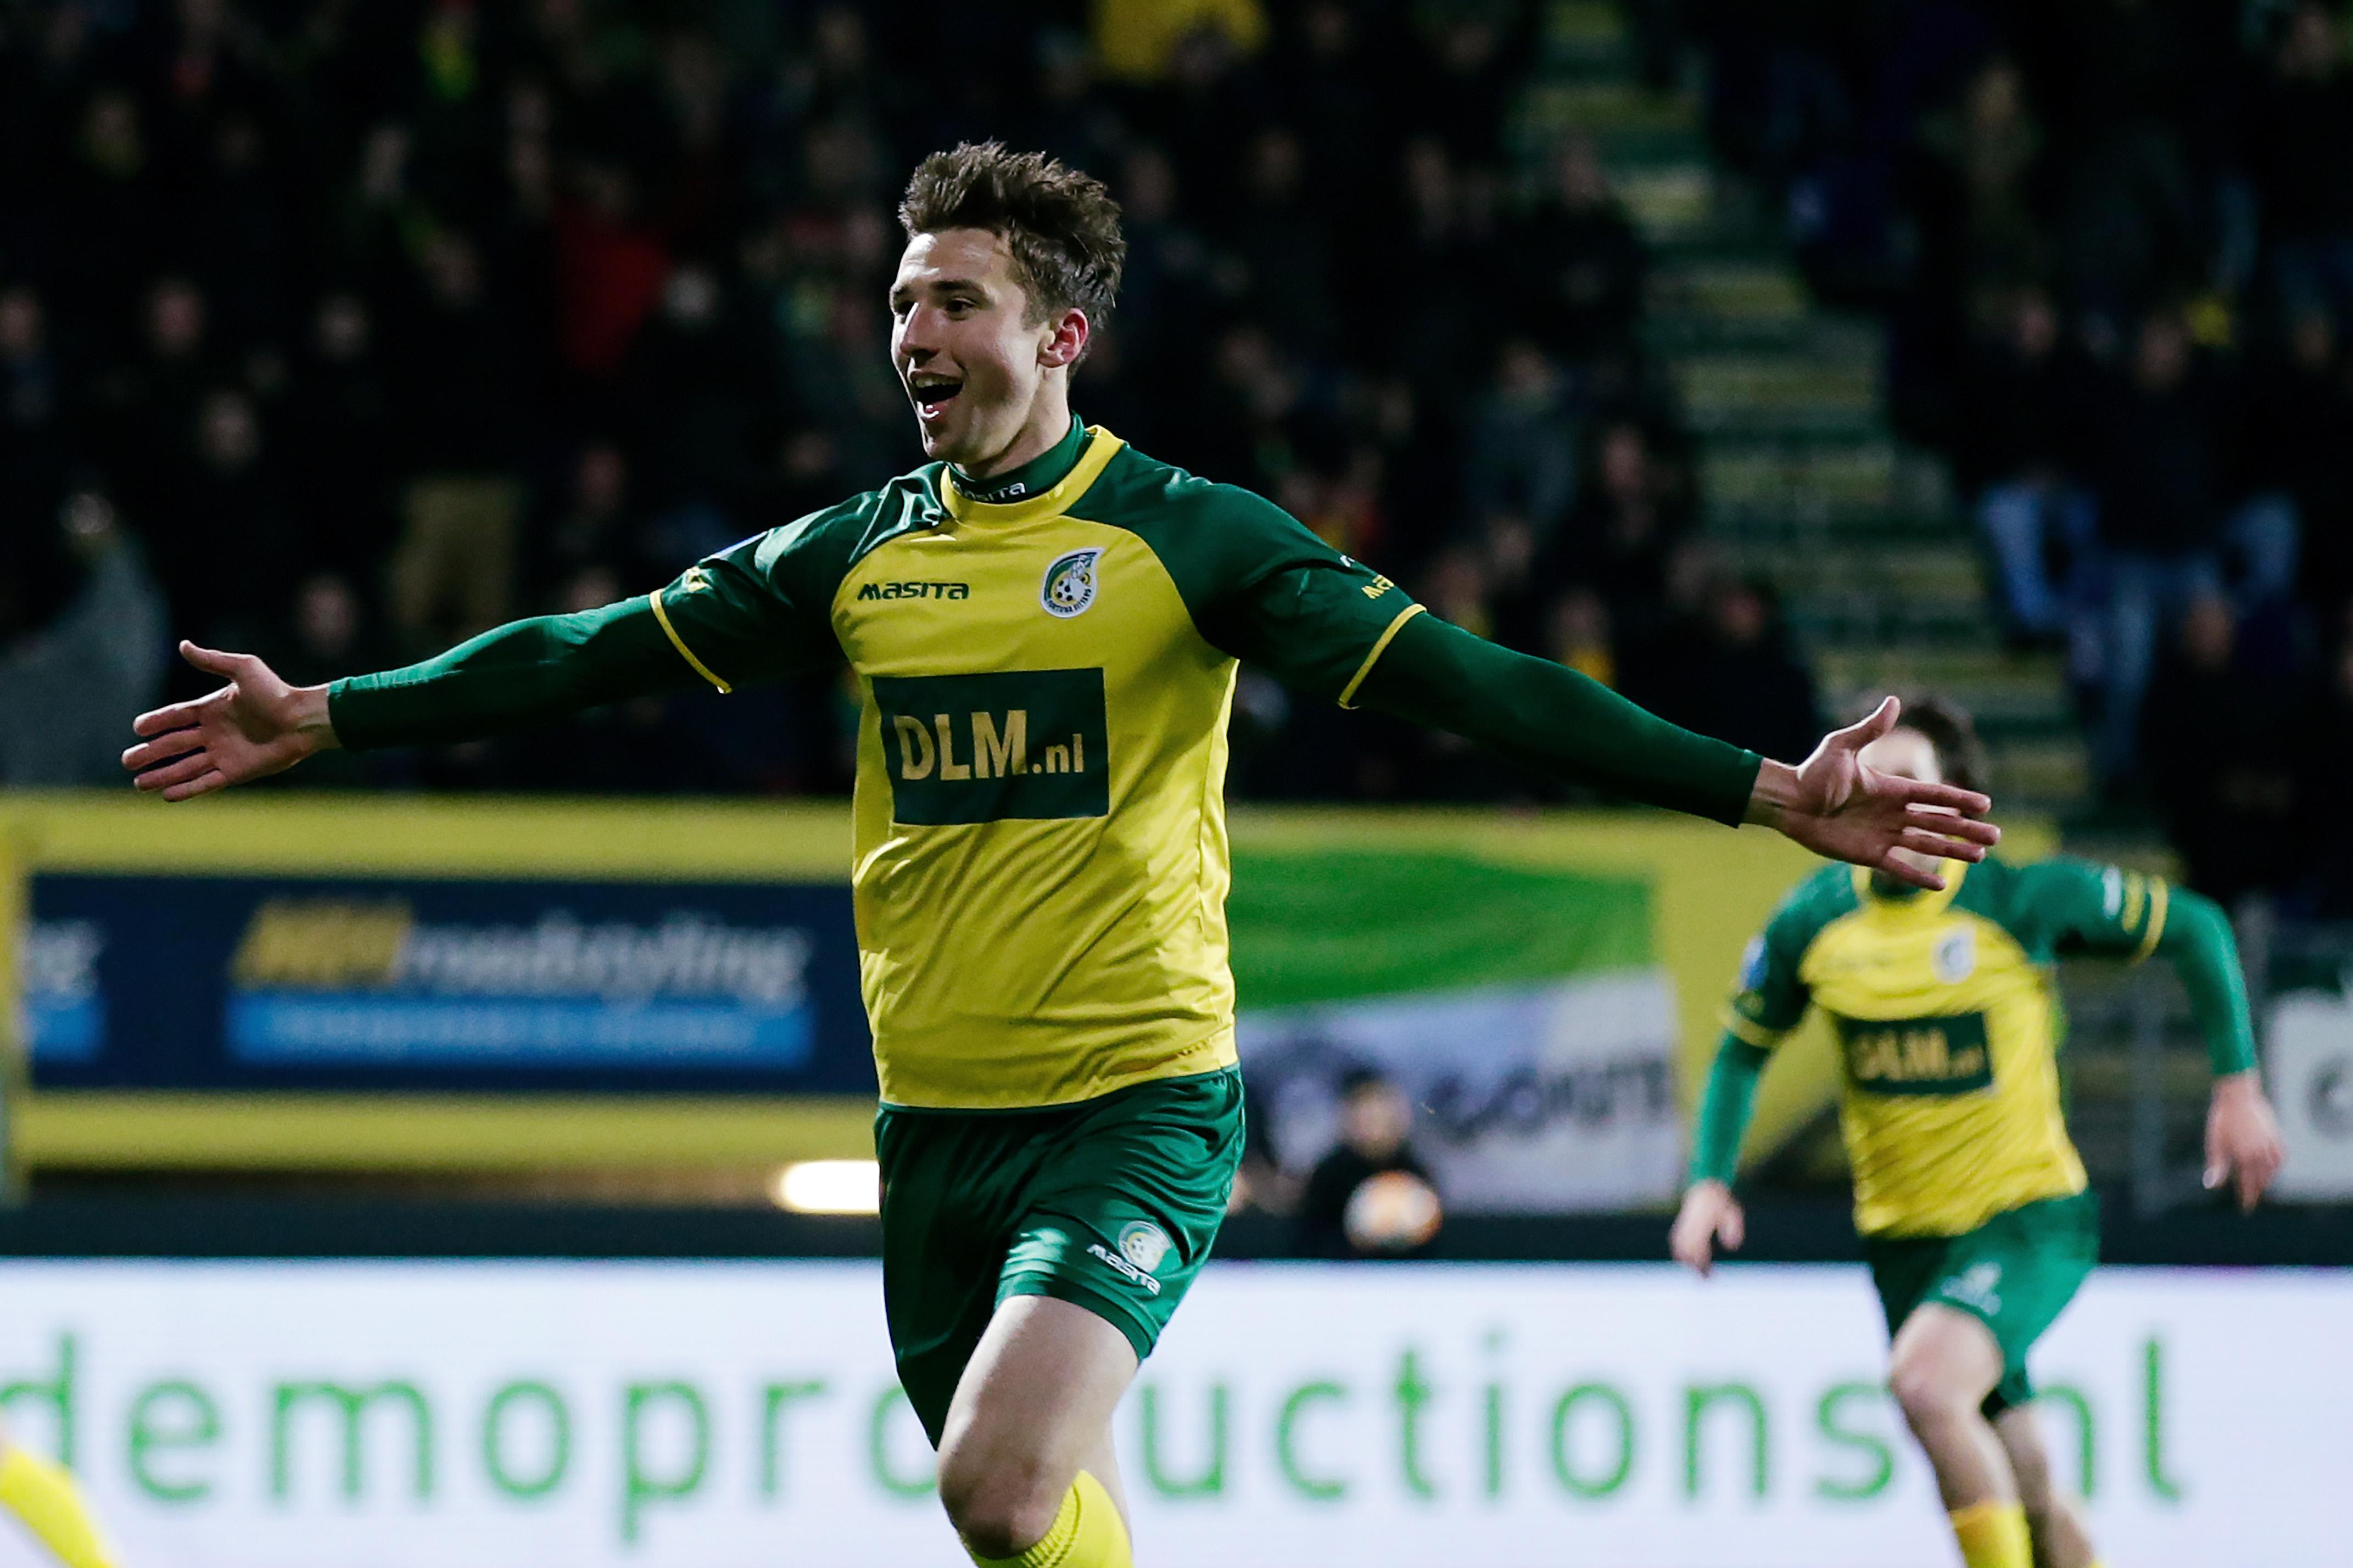 Fortuna Sittard v VVV-Venlo - Dutch Eredivisie